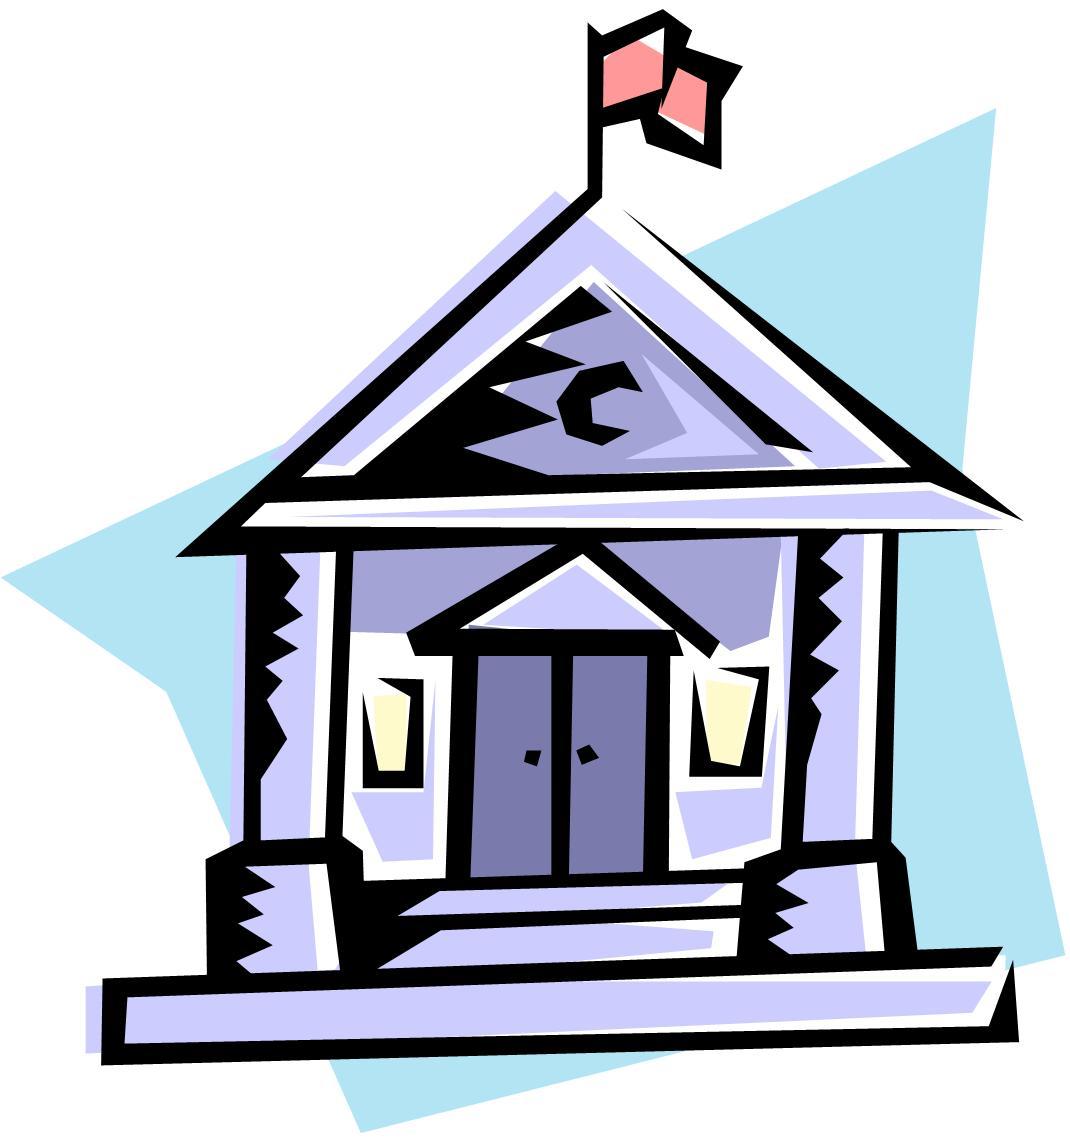 Court clipart civil court. Free circuit cliparts download